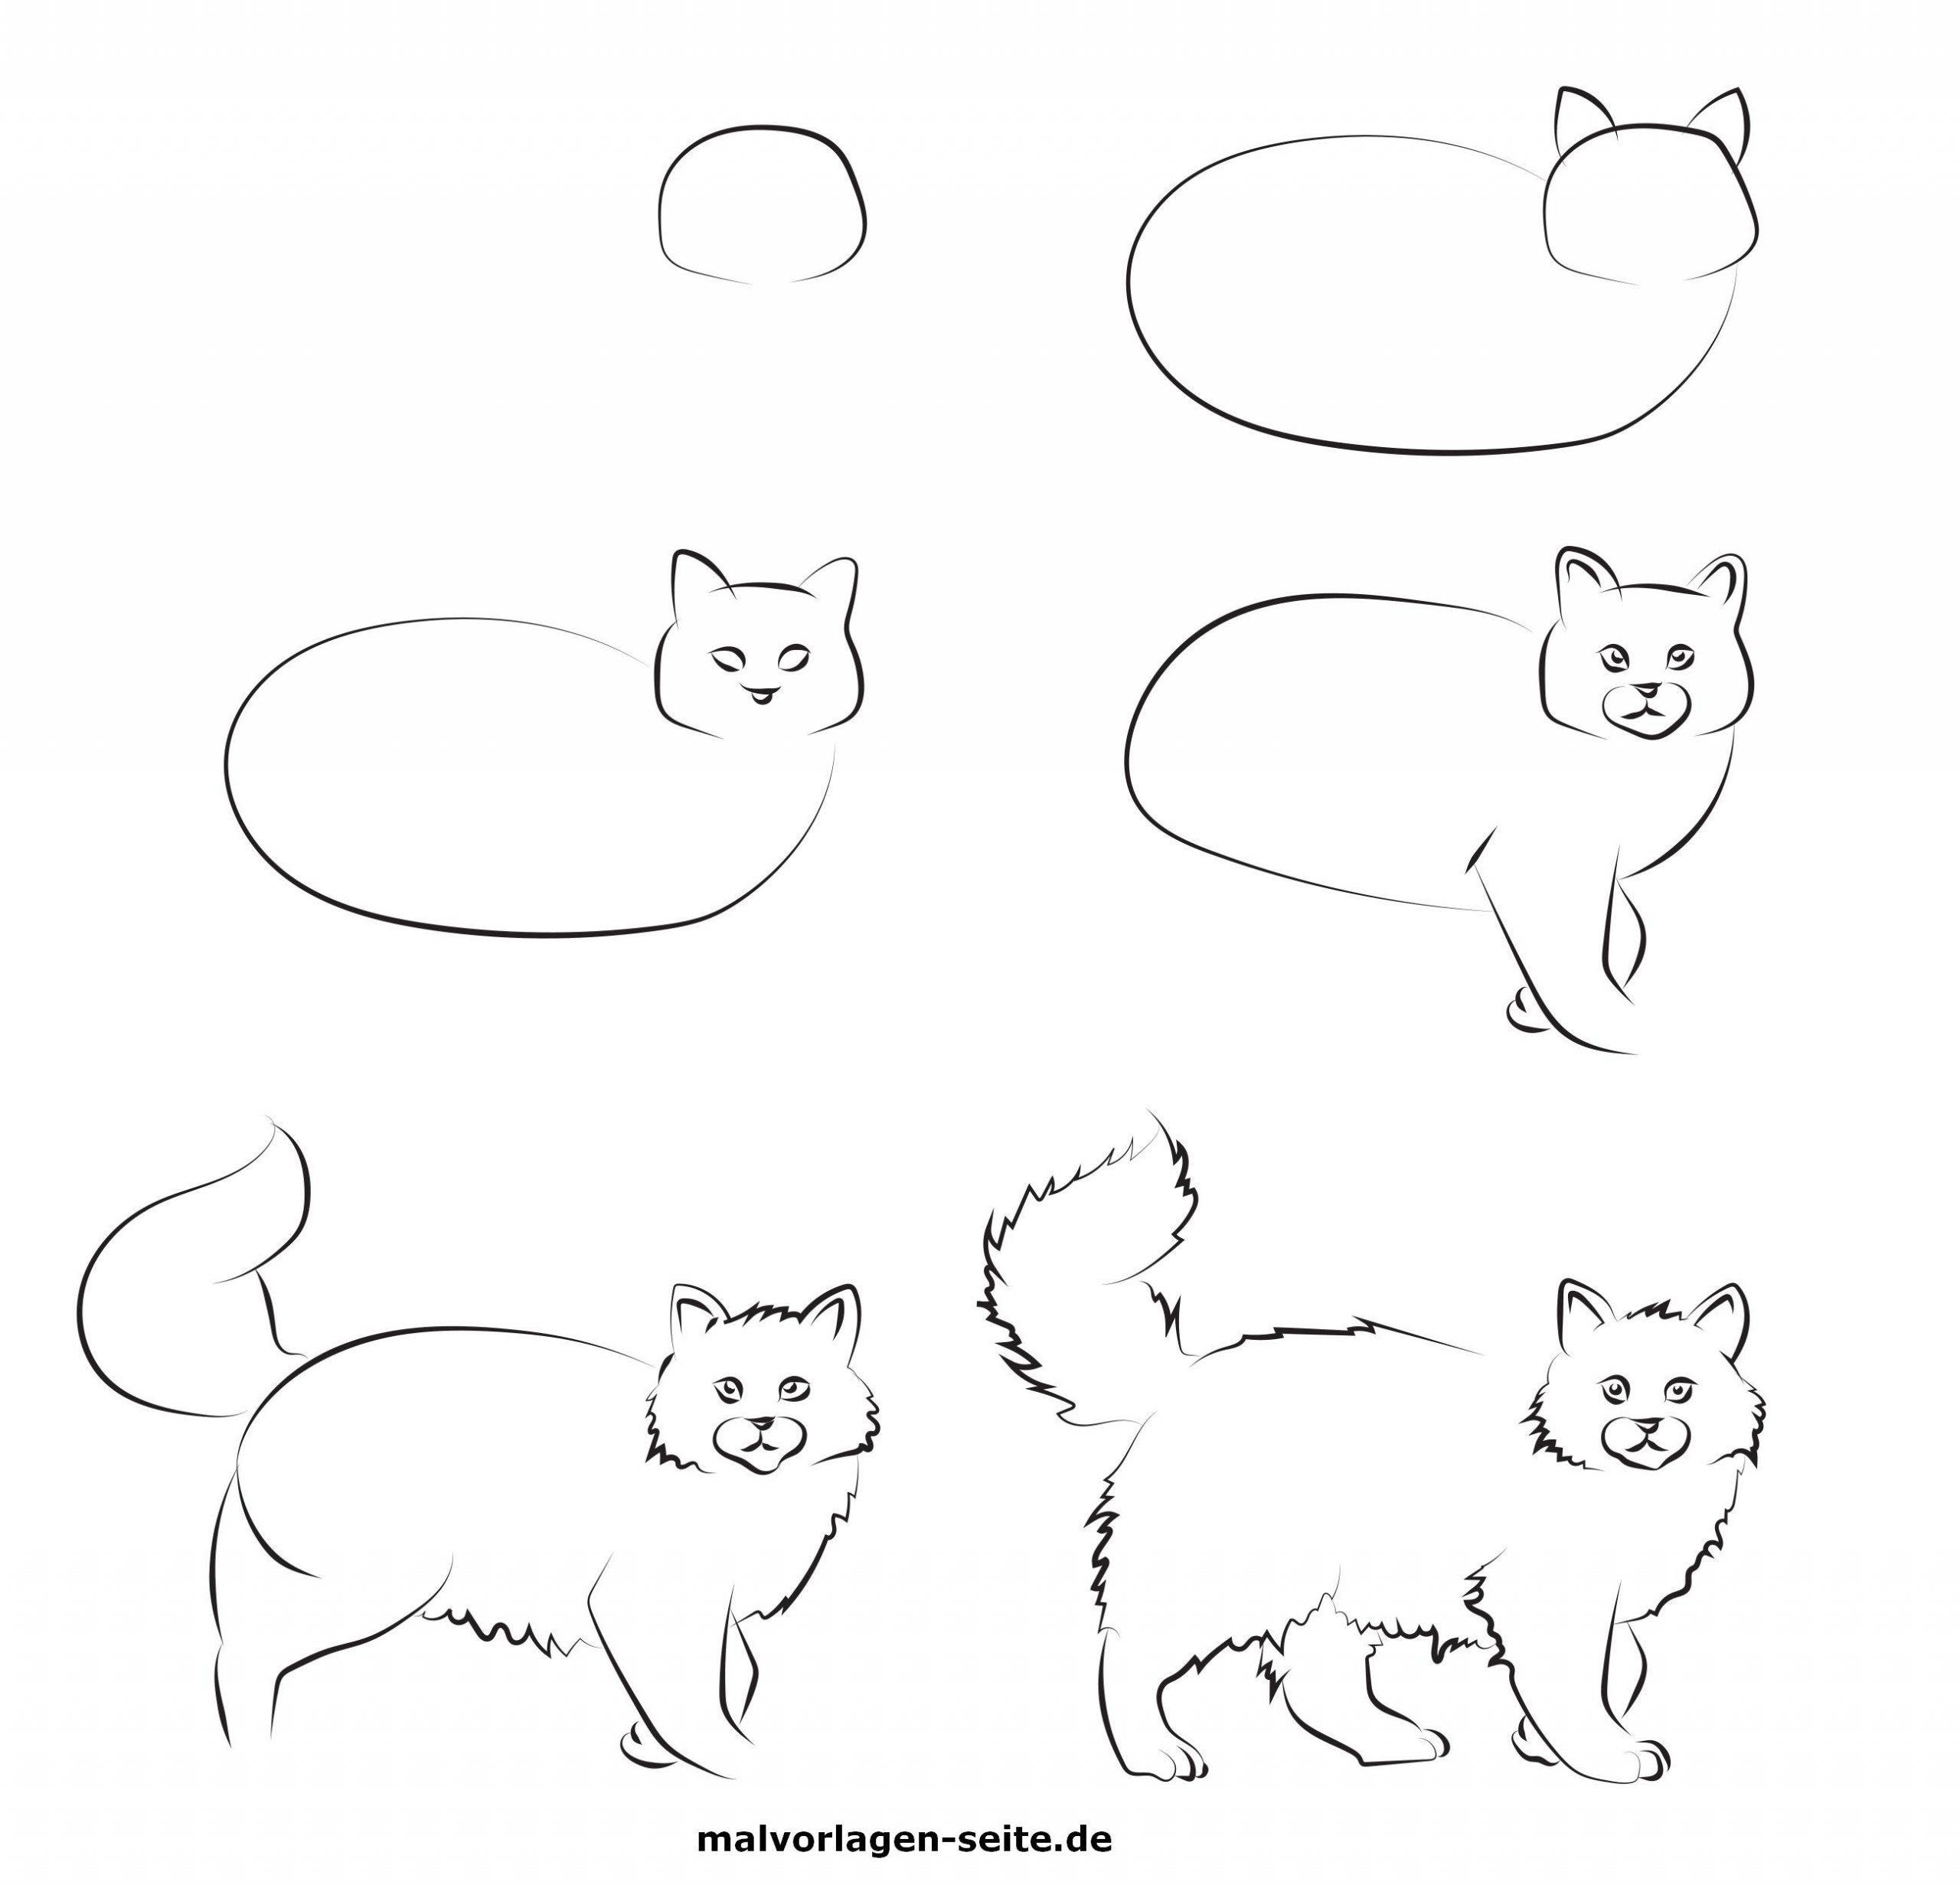 Wie Malt Man Eine Katze? - Ausmalbilder Kostenlos Herunterladen bestimmt für Katze Malen Einfach